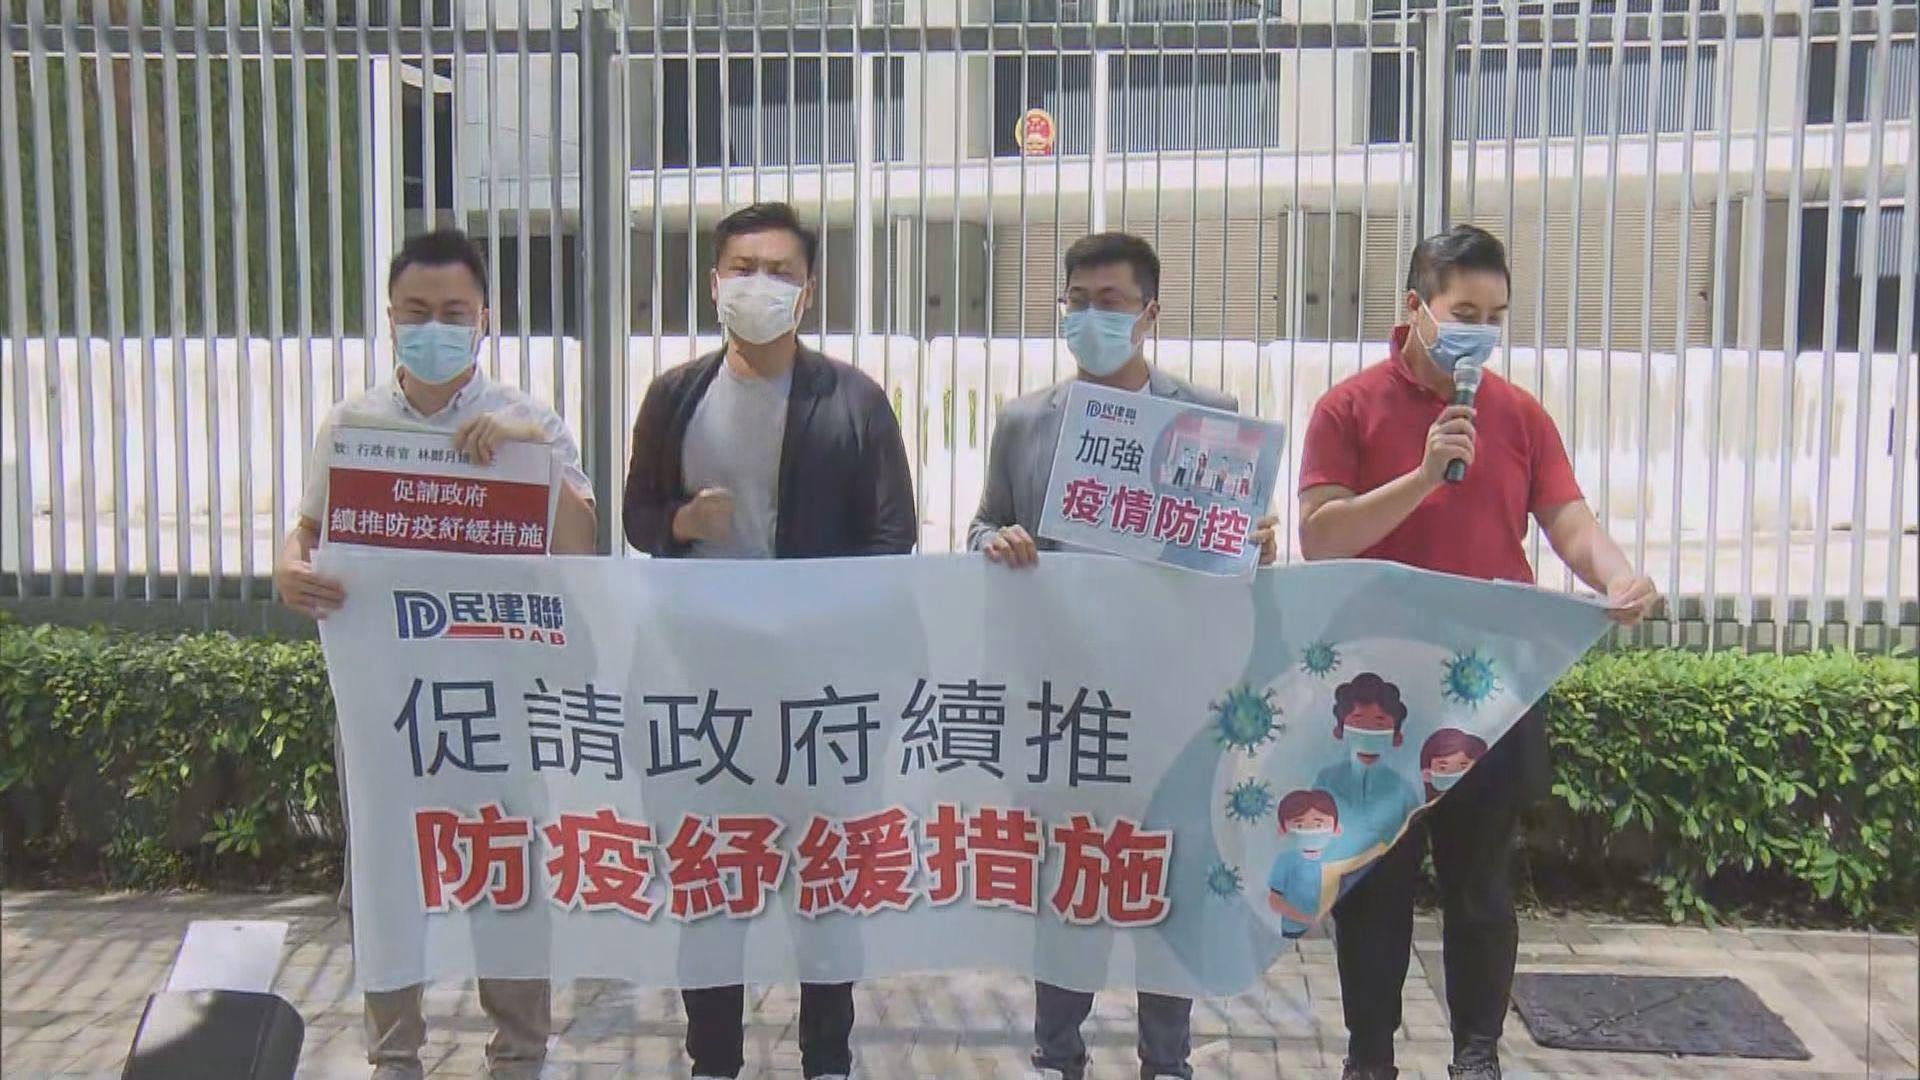 民建聯請願促施政報告加強防疫措施